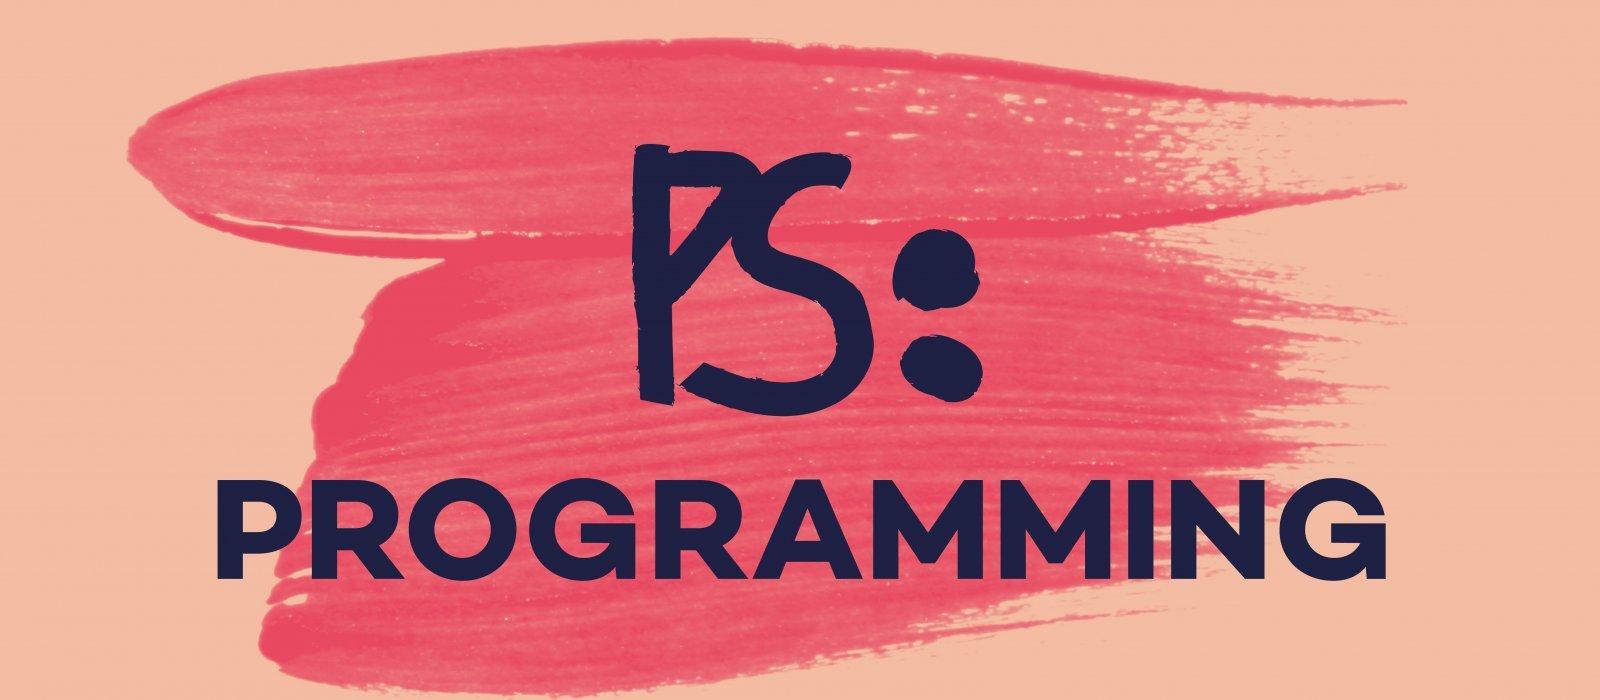 PS: Programming